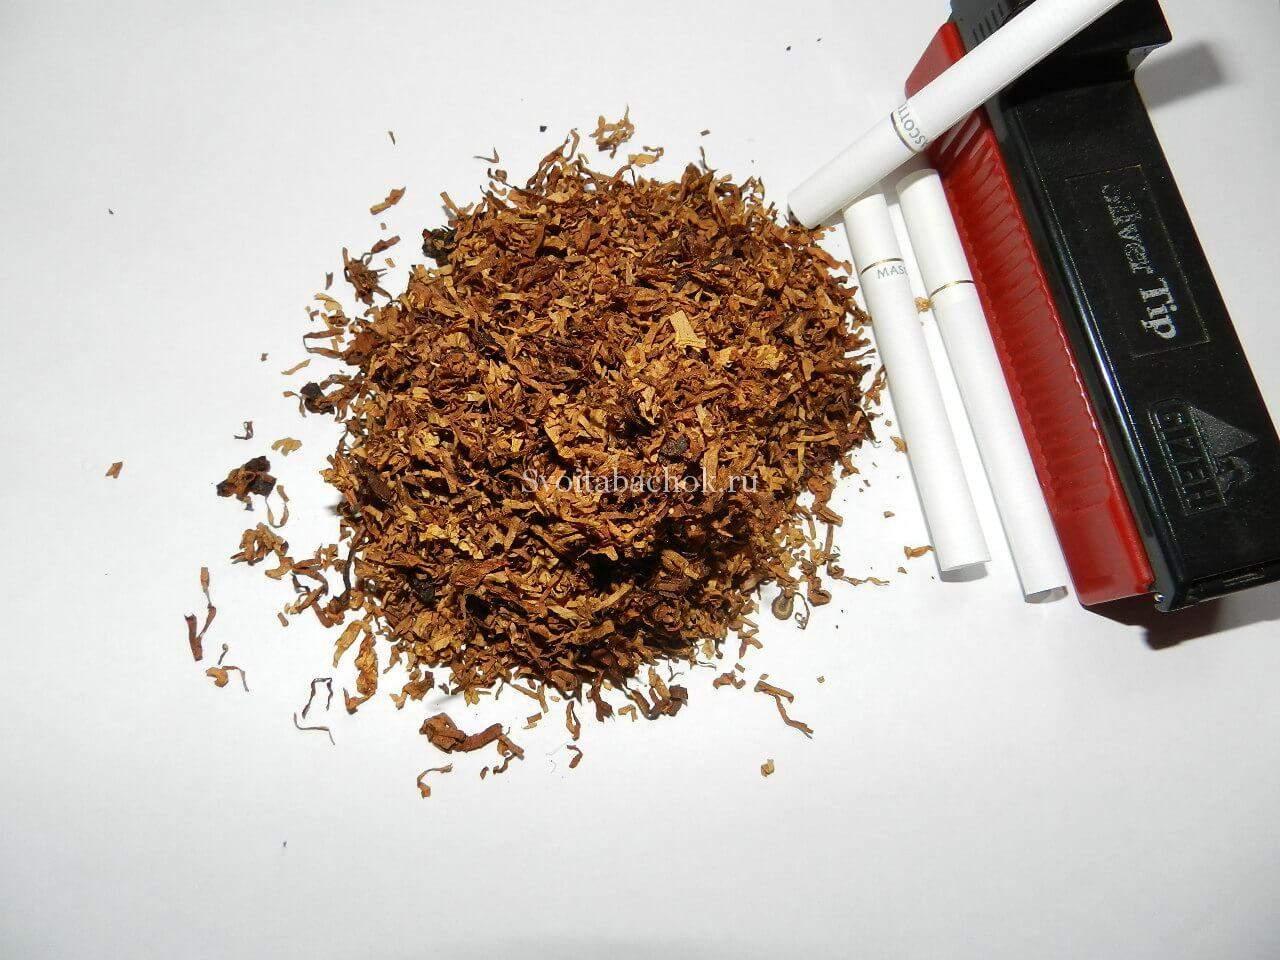 Ароматизация табака в домашних условиях - Домашний Табак 91